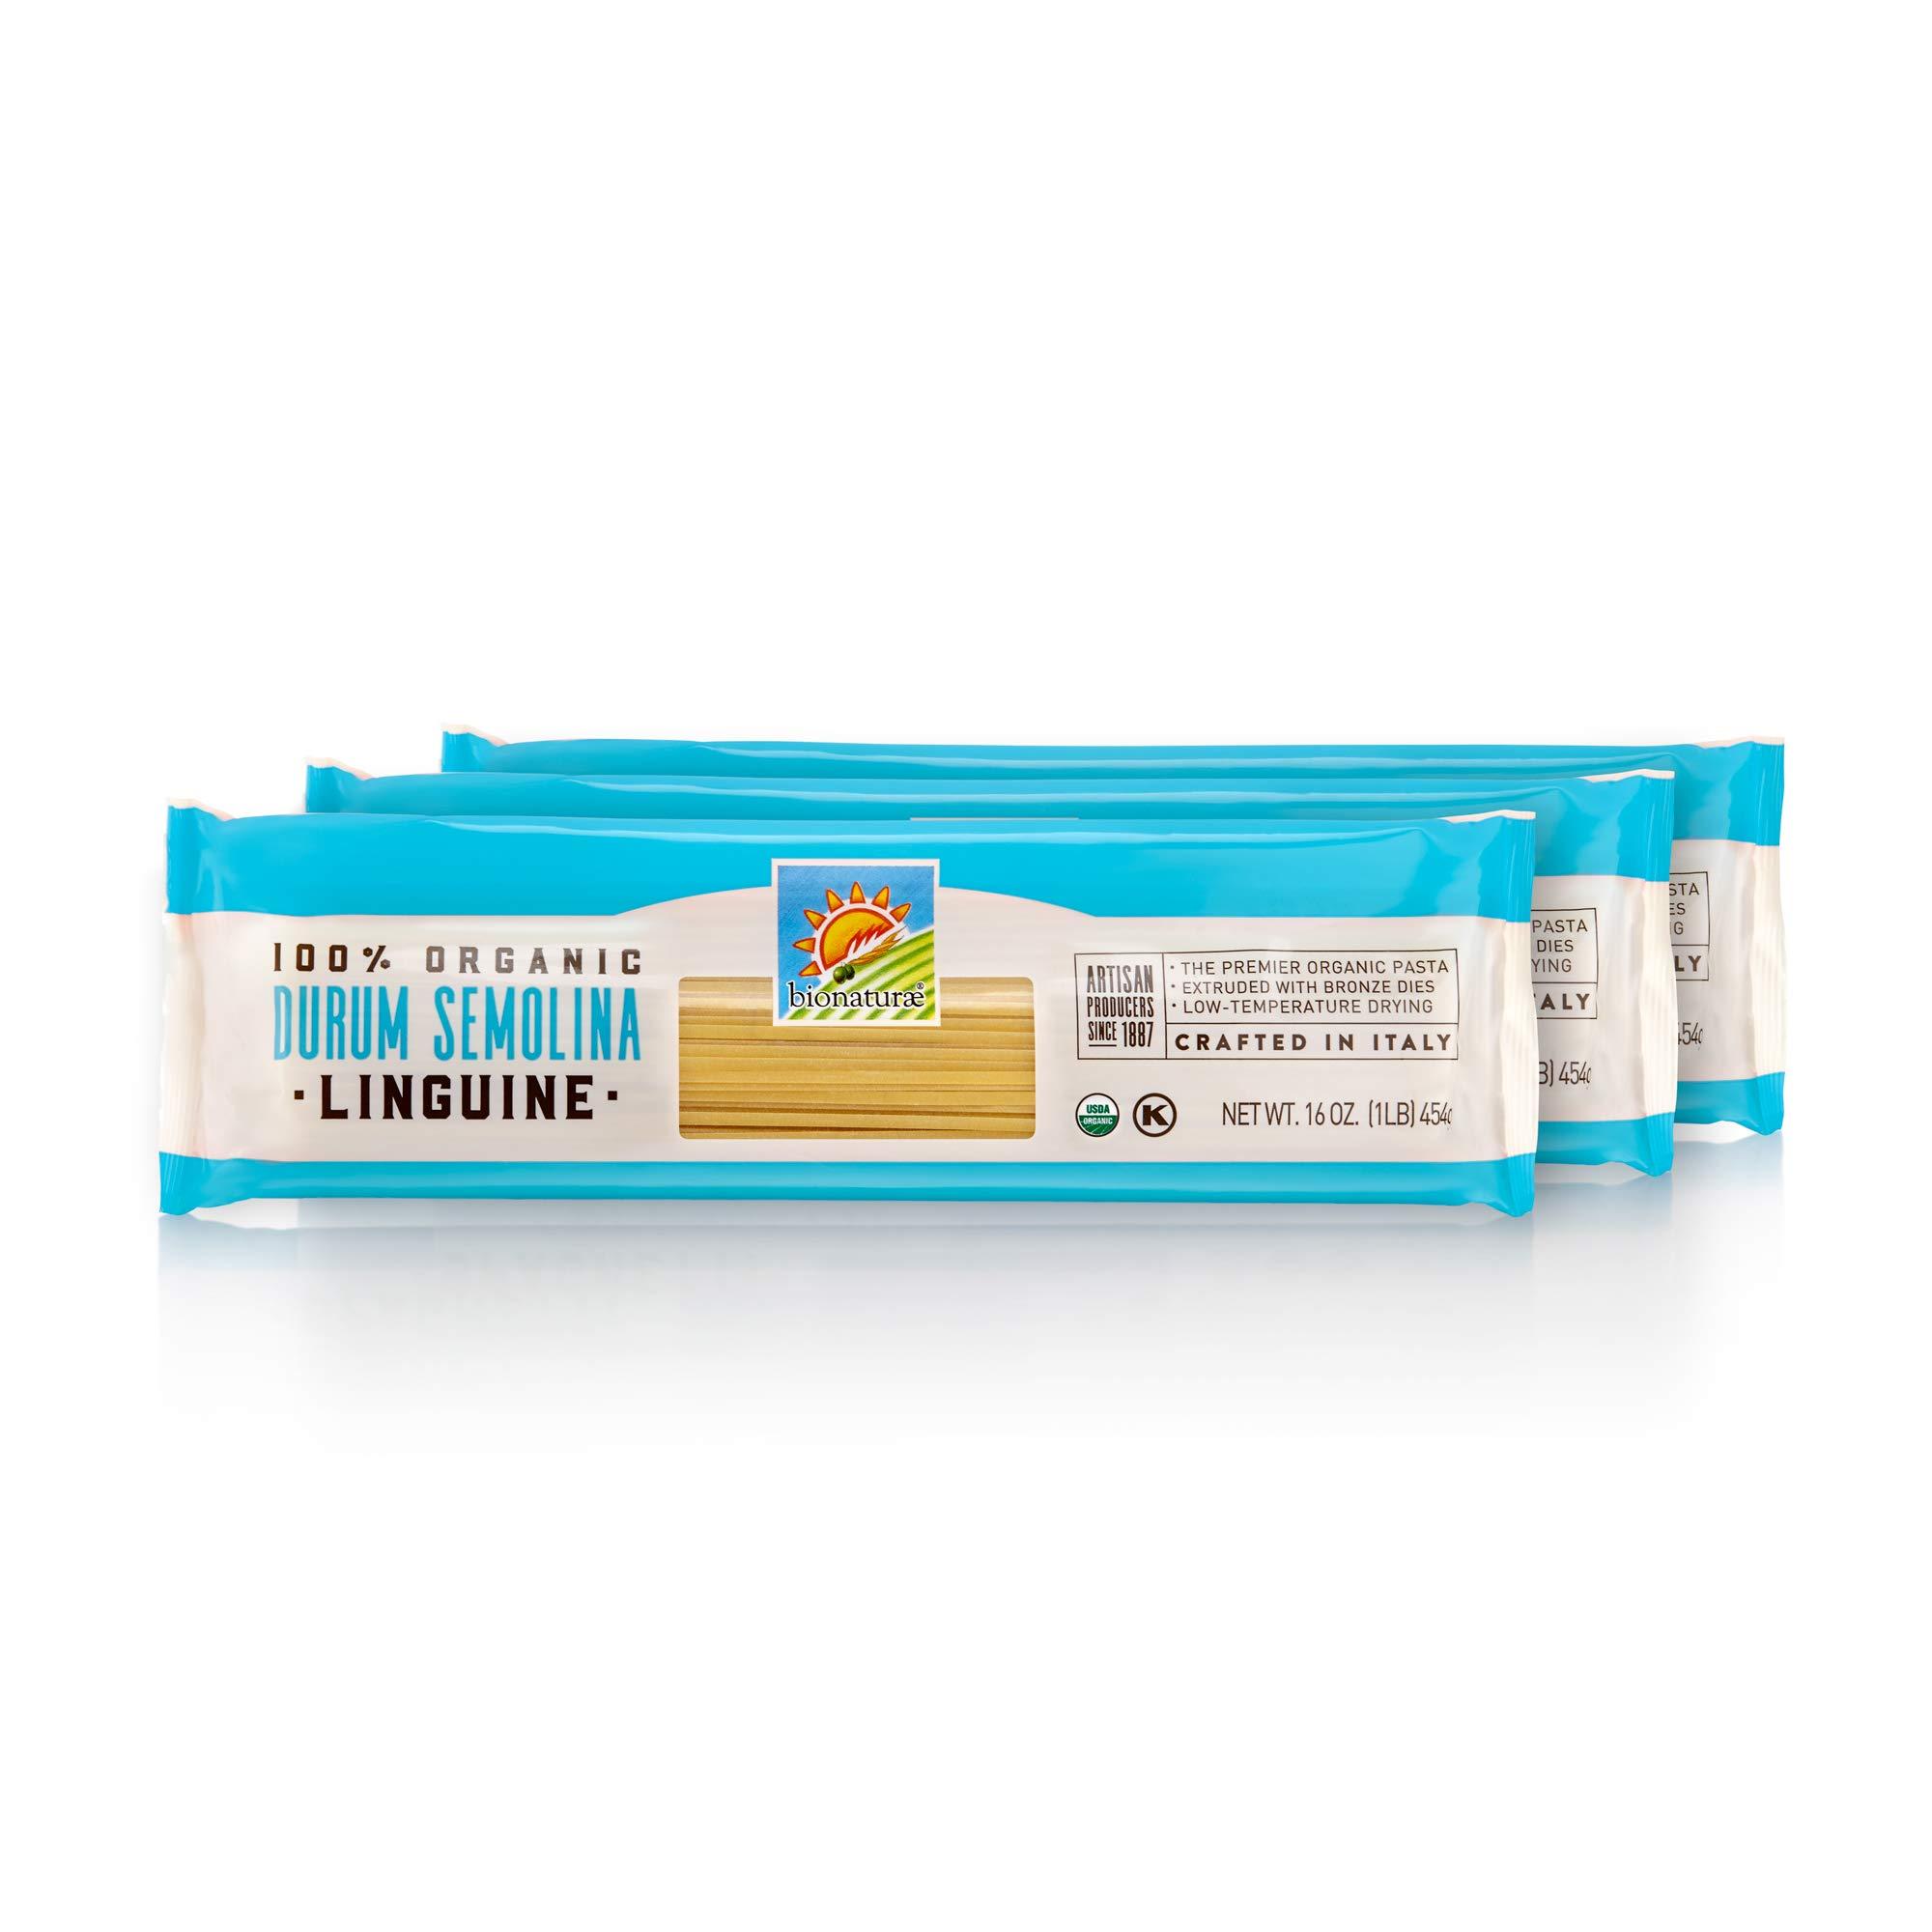 Bionaturae Organic Durum Semolina Linguine, 6 Count